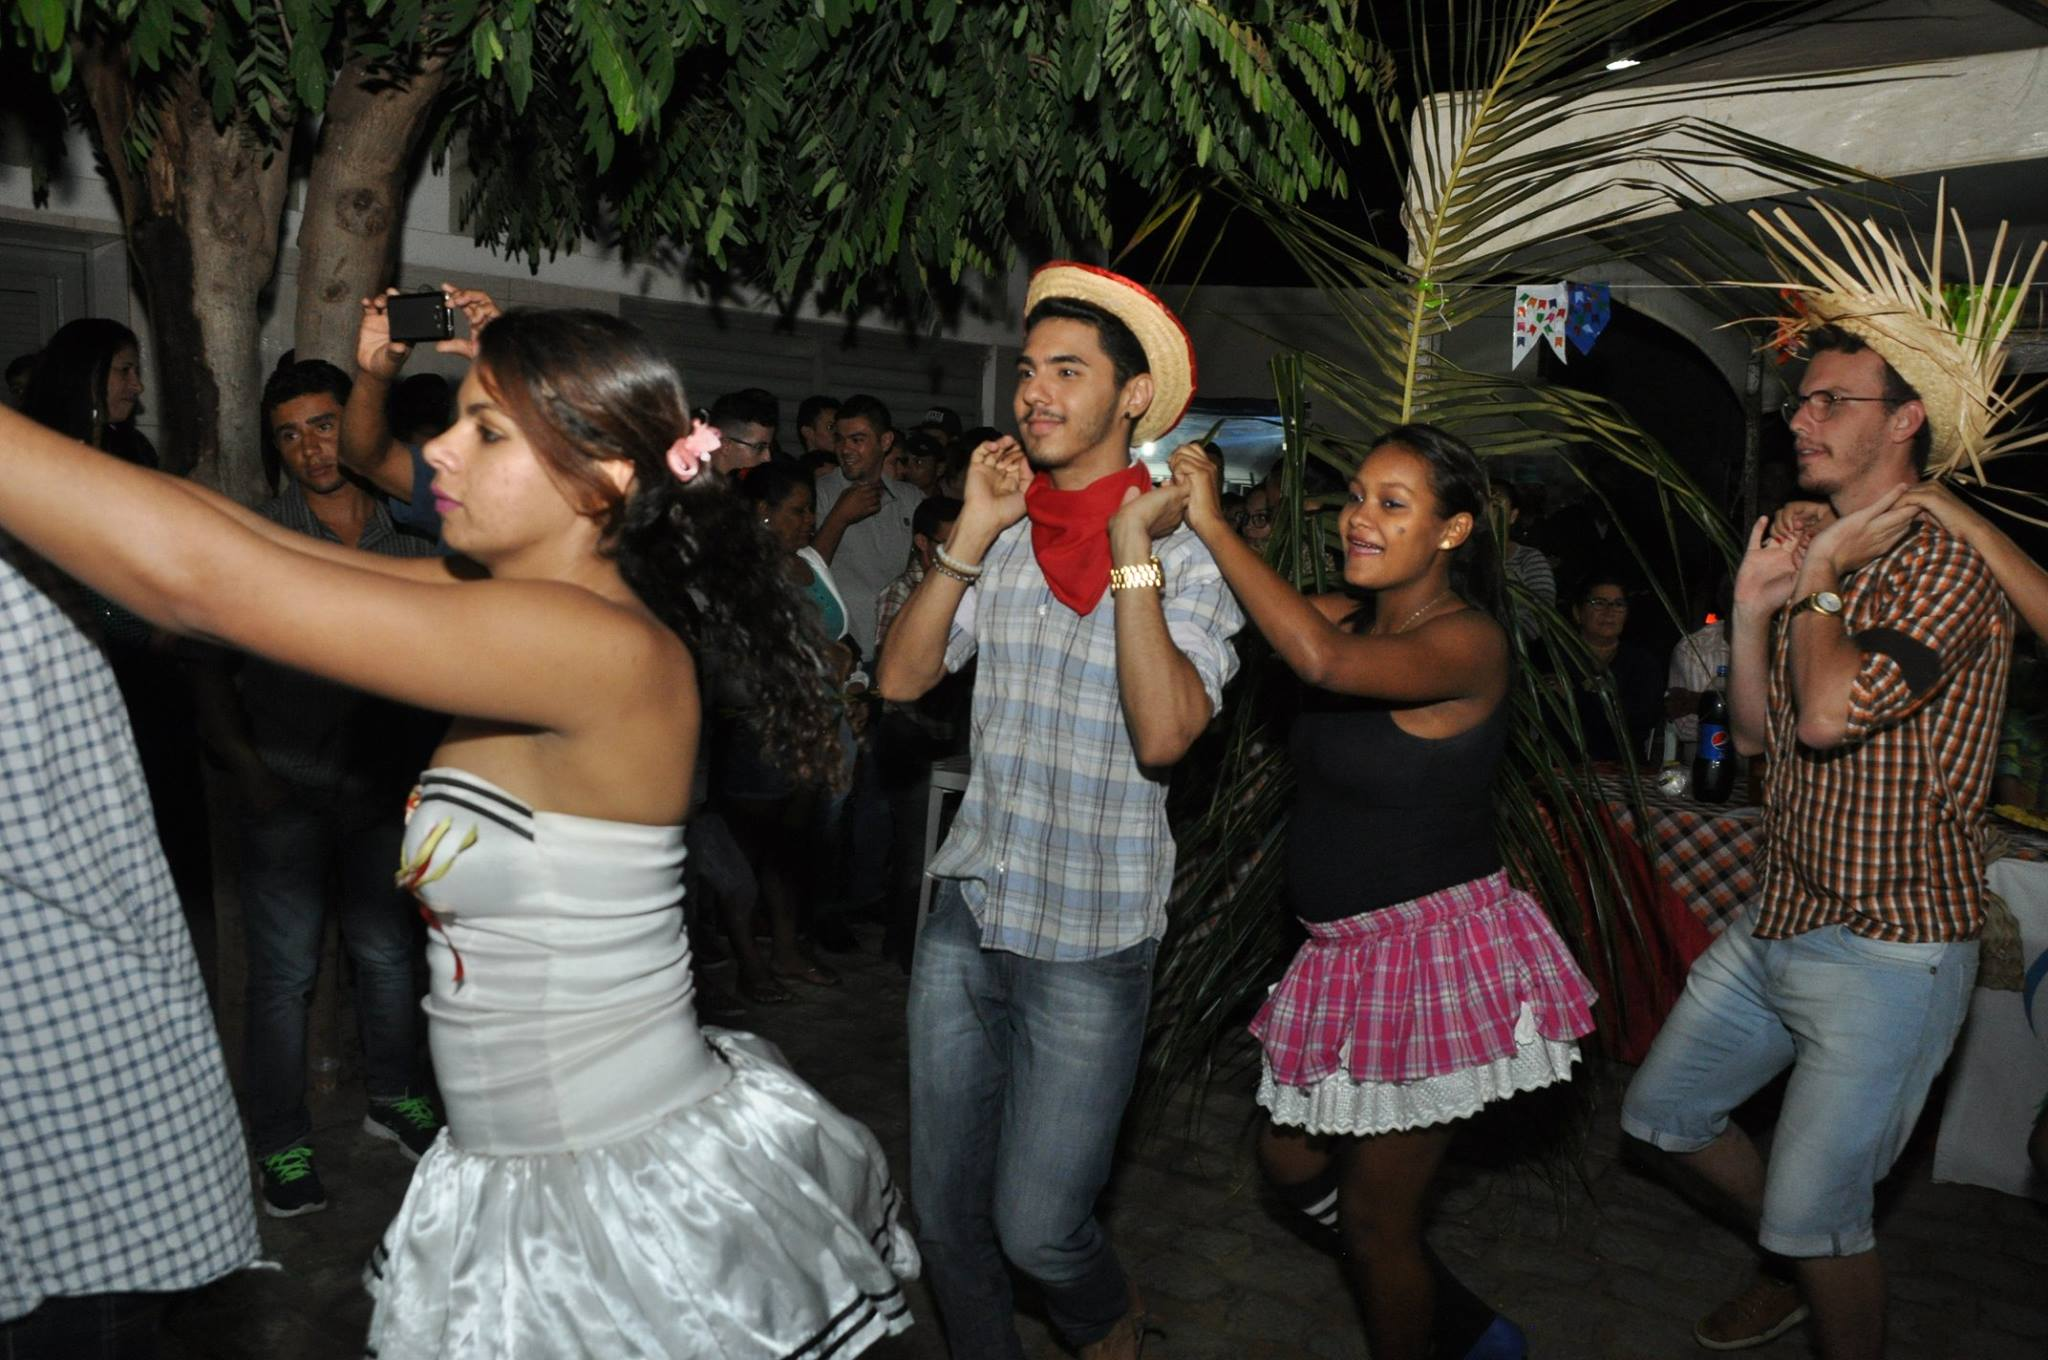 19095340_1899327107007146_6668229465802840790_o-1024x680 OPIPOCO mostra como foi a Segunda noite do festival de quadrilhas em Monteiro. Confira Imagens